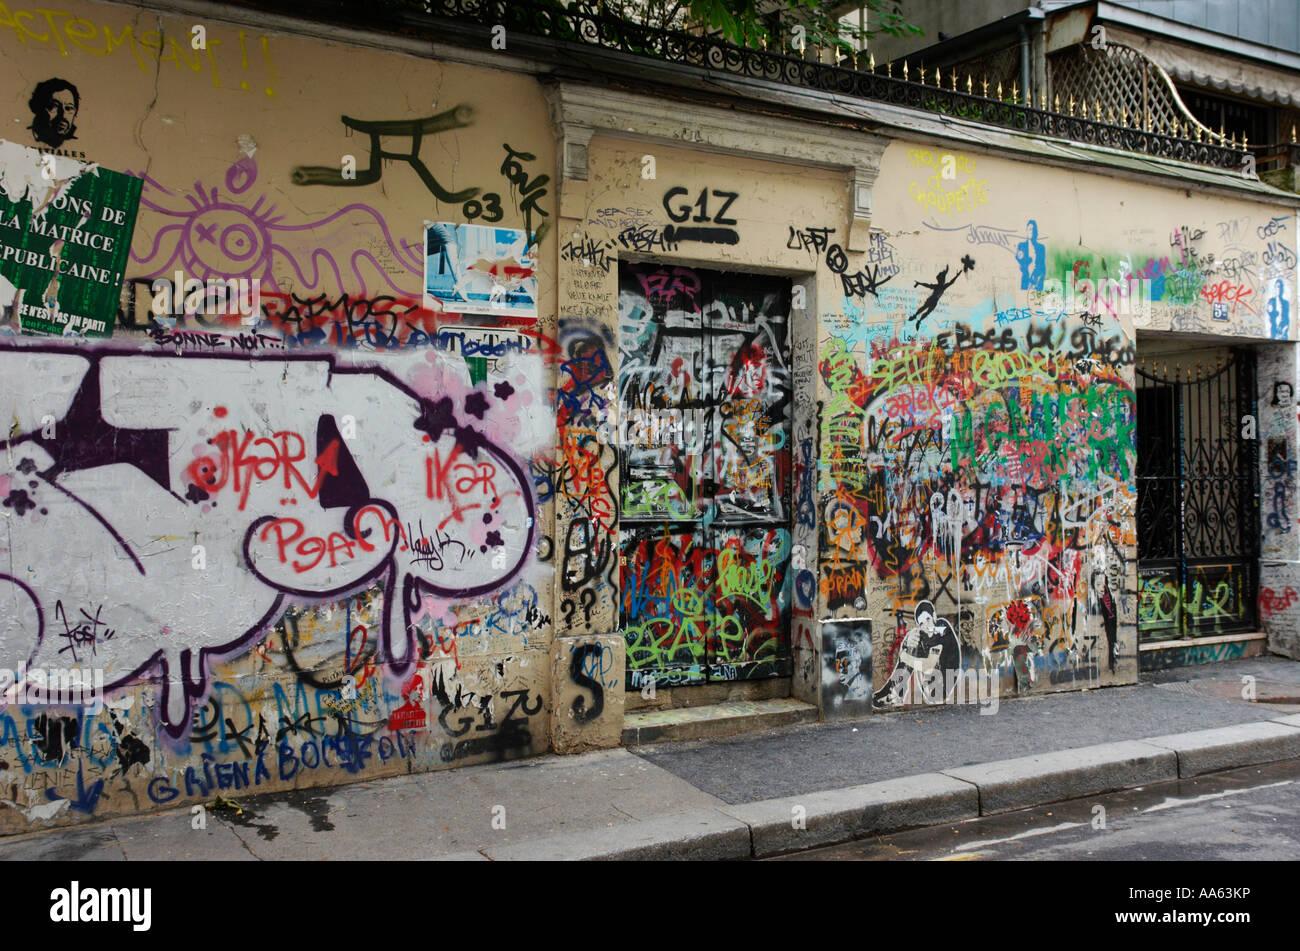 5 bis rue de verneuil ancienne maison de serge gainsbourg chanteuse française paris france